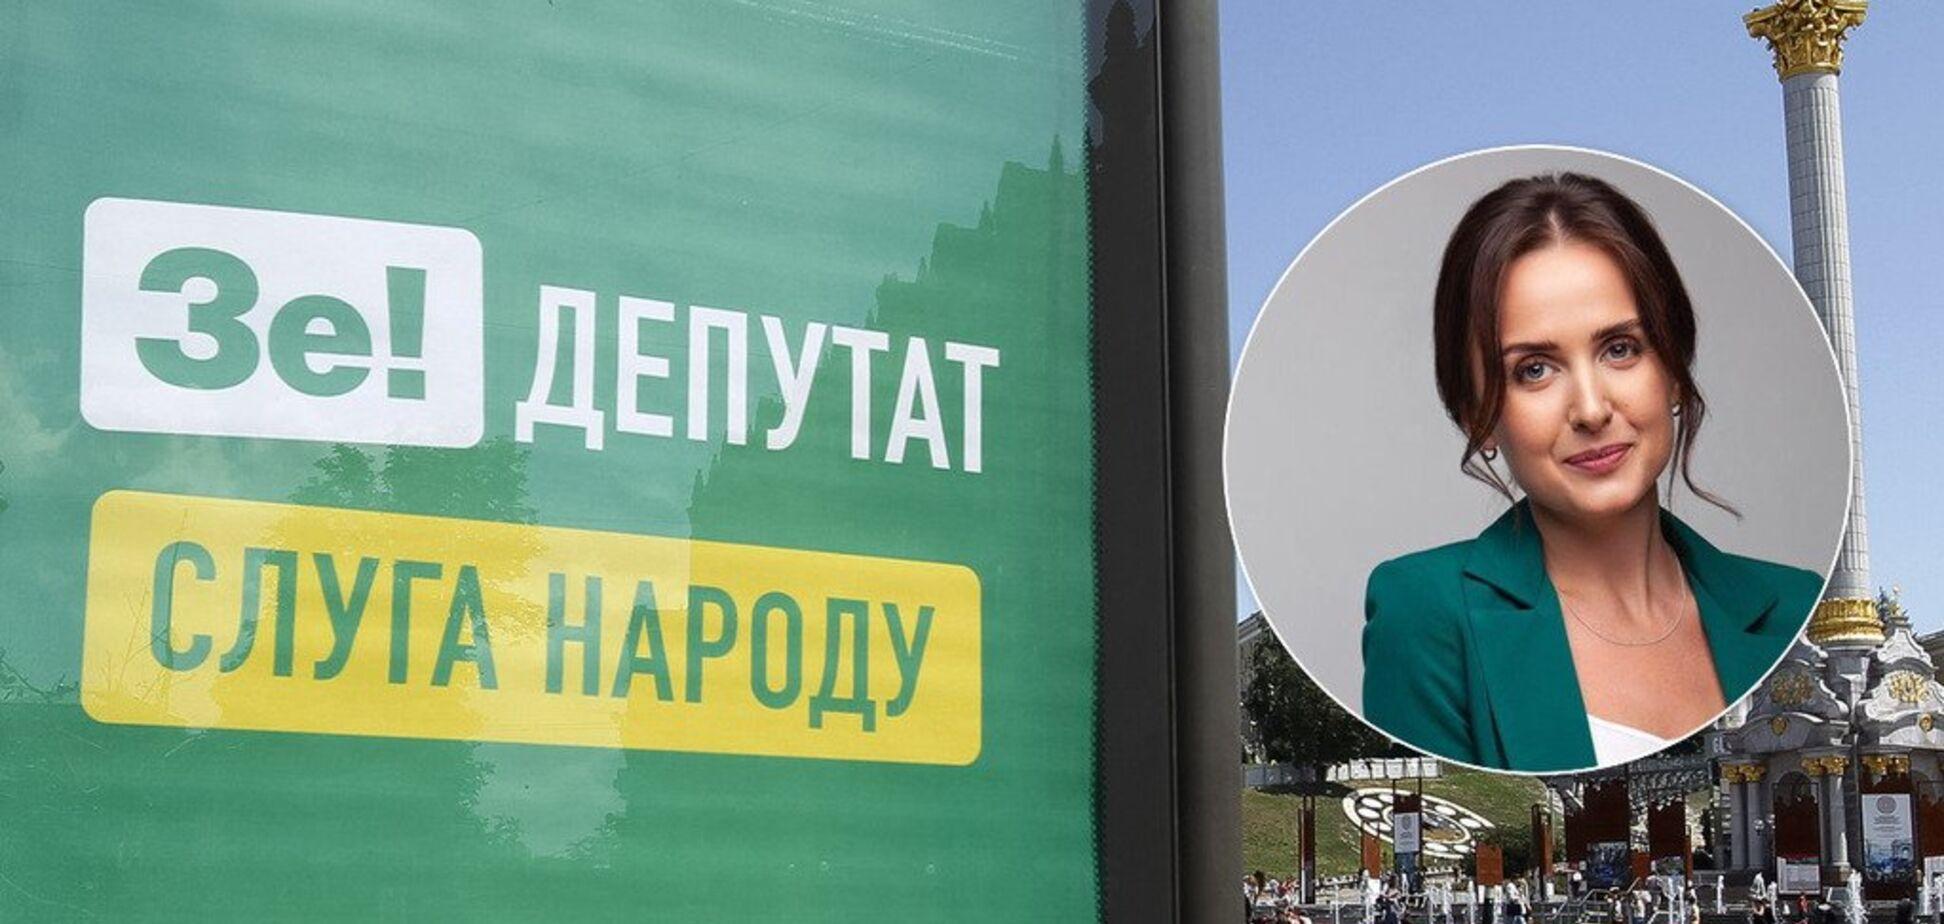 Про нардепа Іванісова, ринок землі та покривання злочинців: інтерв'ю зі 'слугою' Володіною